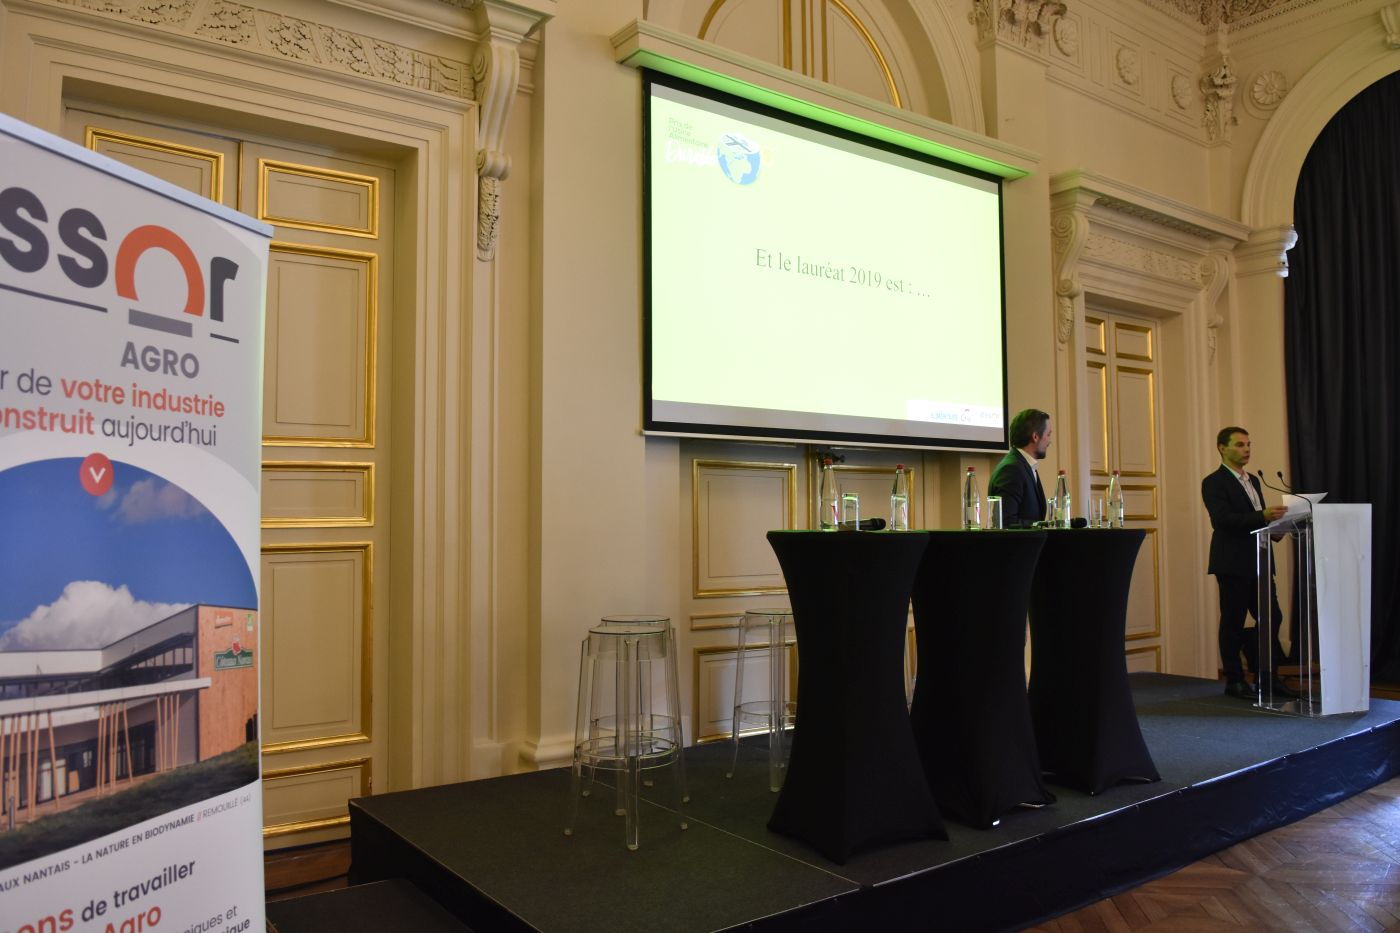 Le Prix de l'Usine alimentaire durable, organisé avec le soutien d'Essor Agro, a été remis lors de Meet'in Agro, par Olivier de Hoest, responsable commercial du cabinet d'ingénierie.